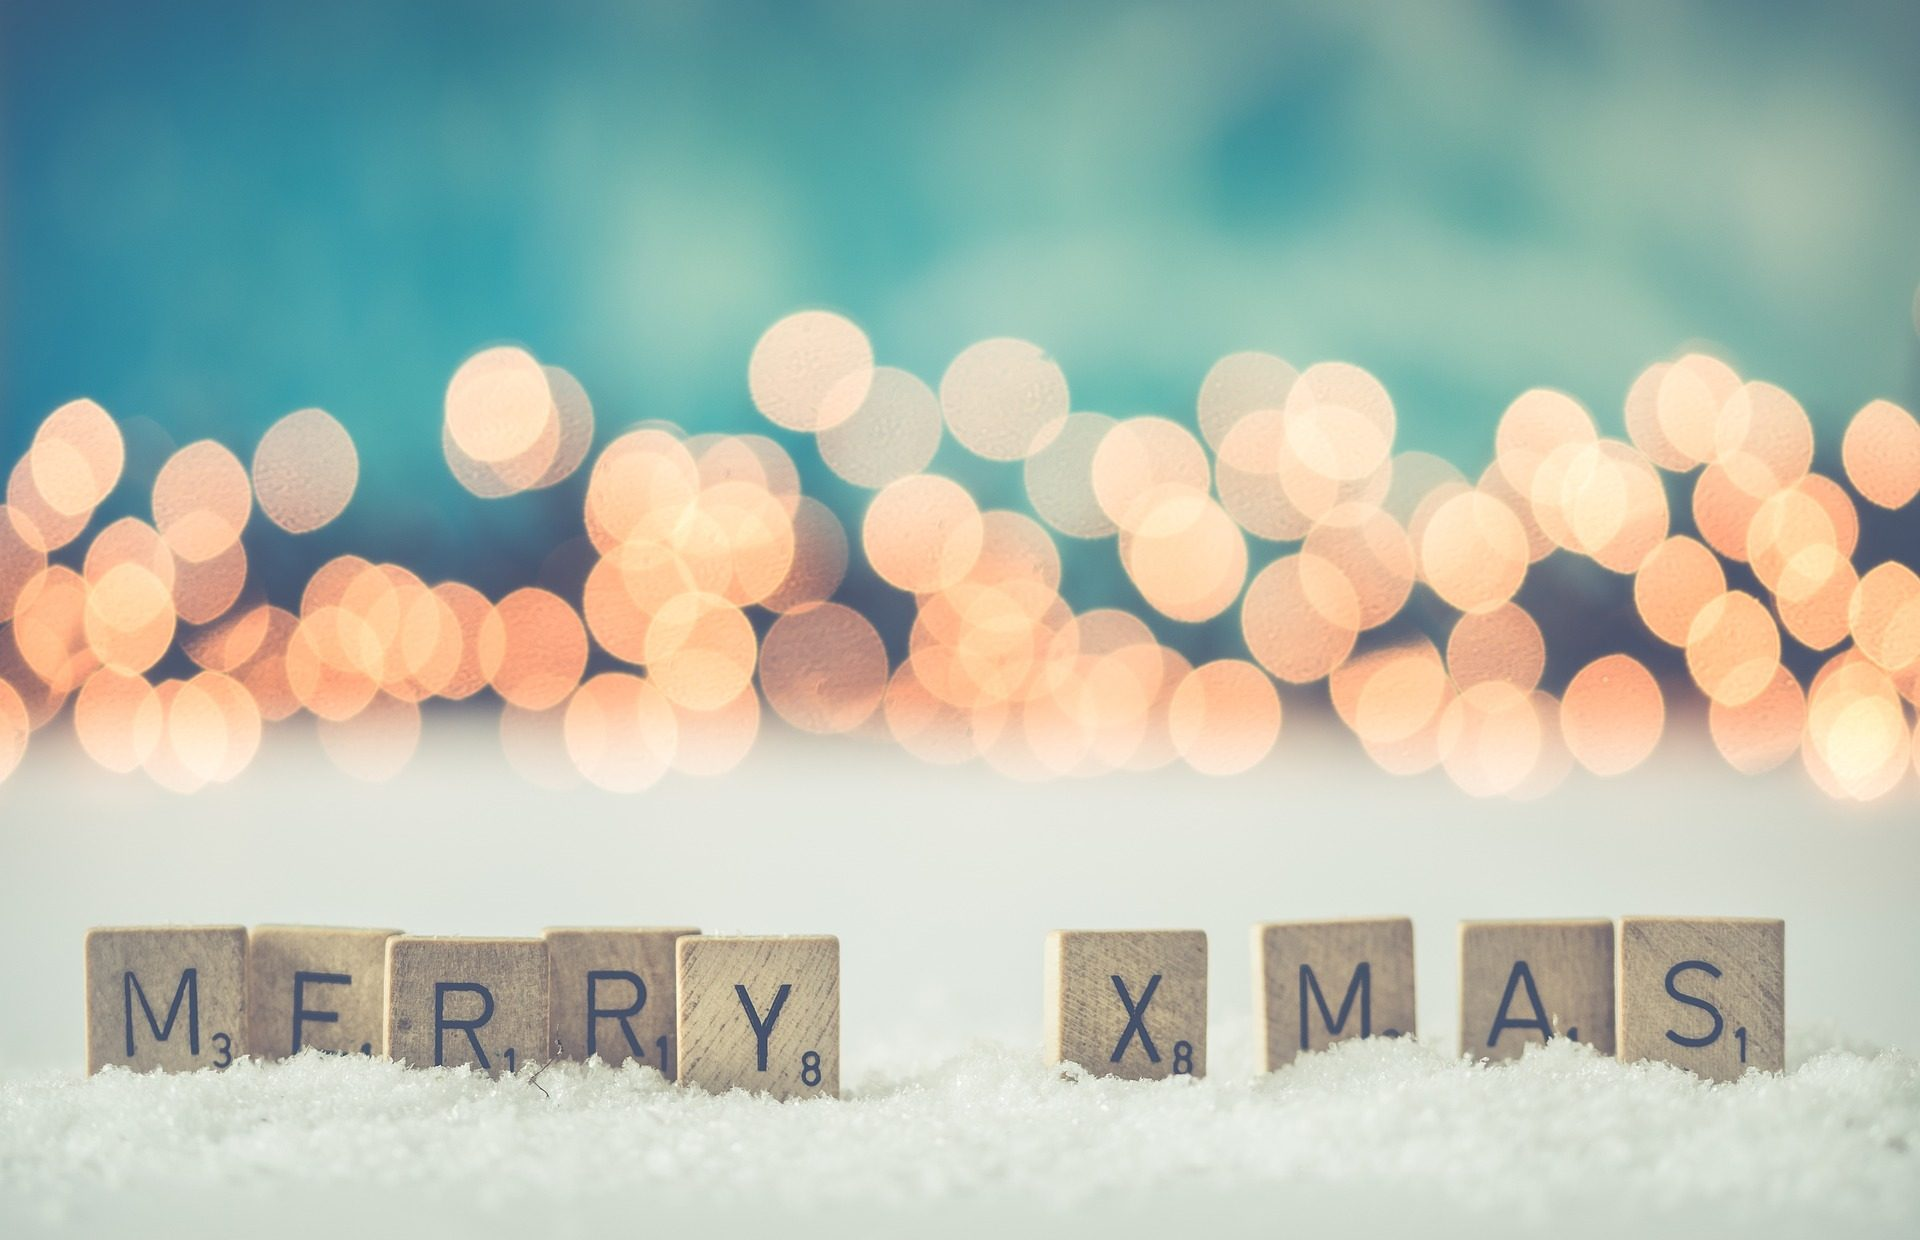 歌词, 灯, 晕, 雪, 问候, 圣诞节 - 高清壁纸 - 教授-falken.com